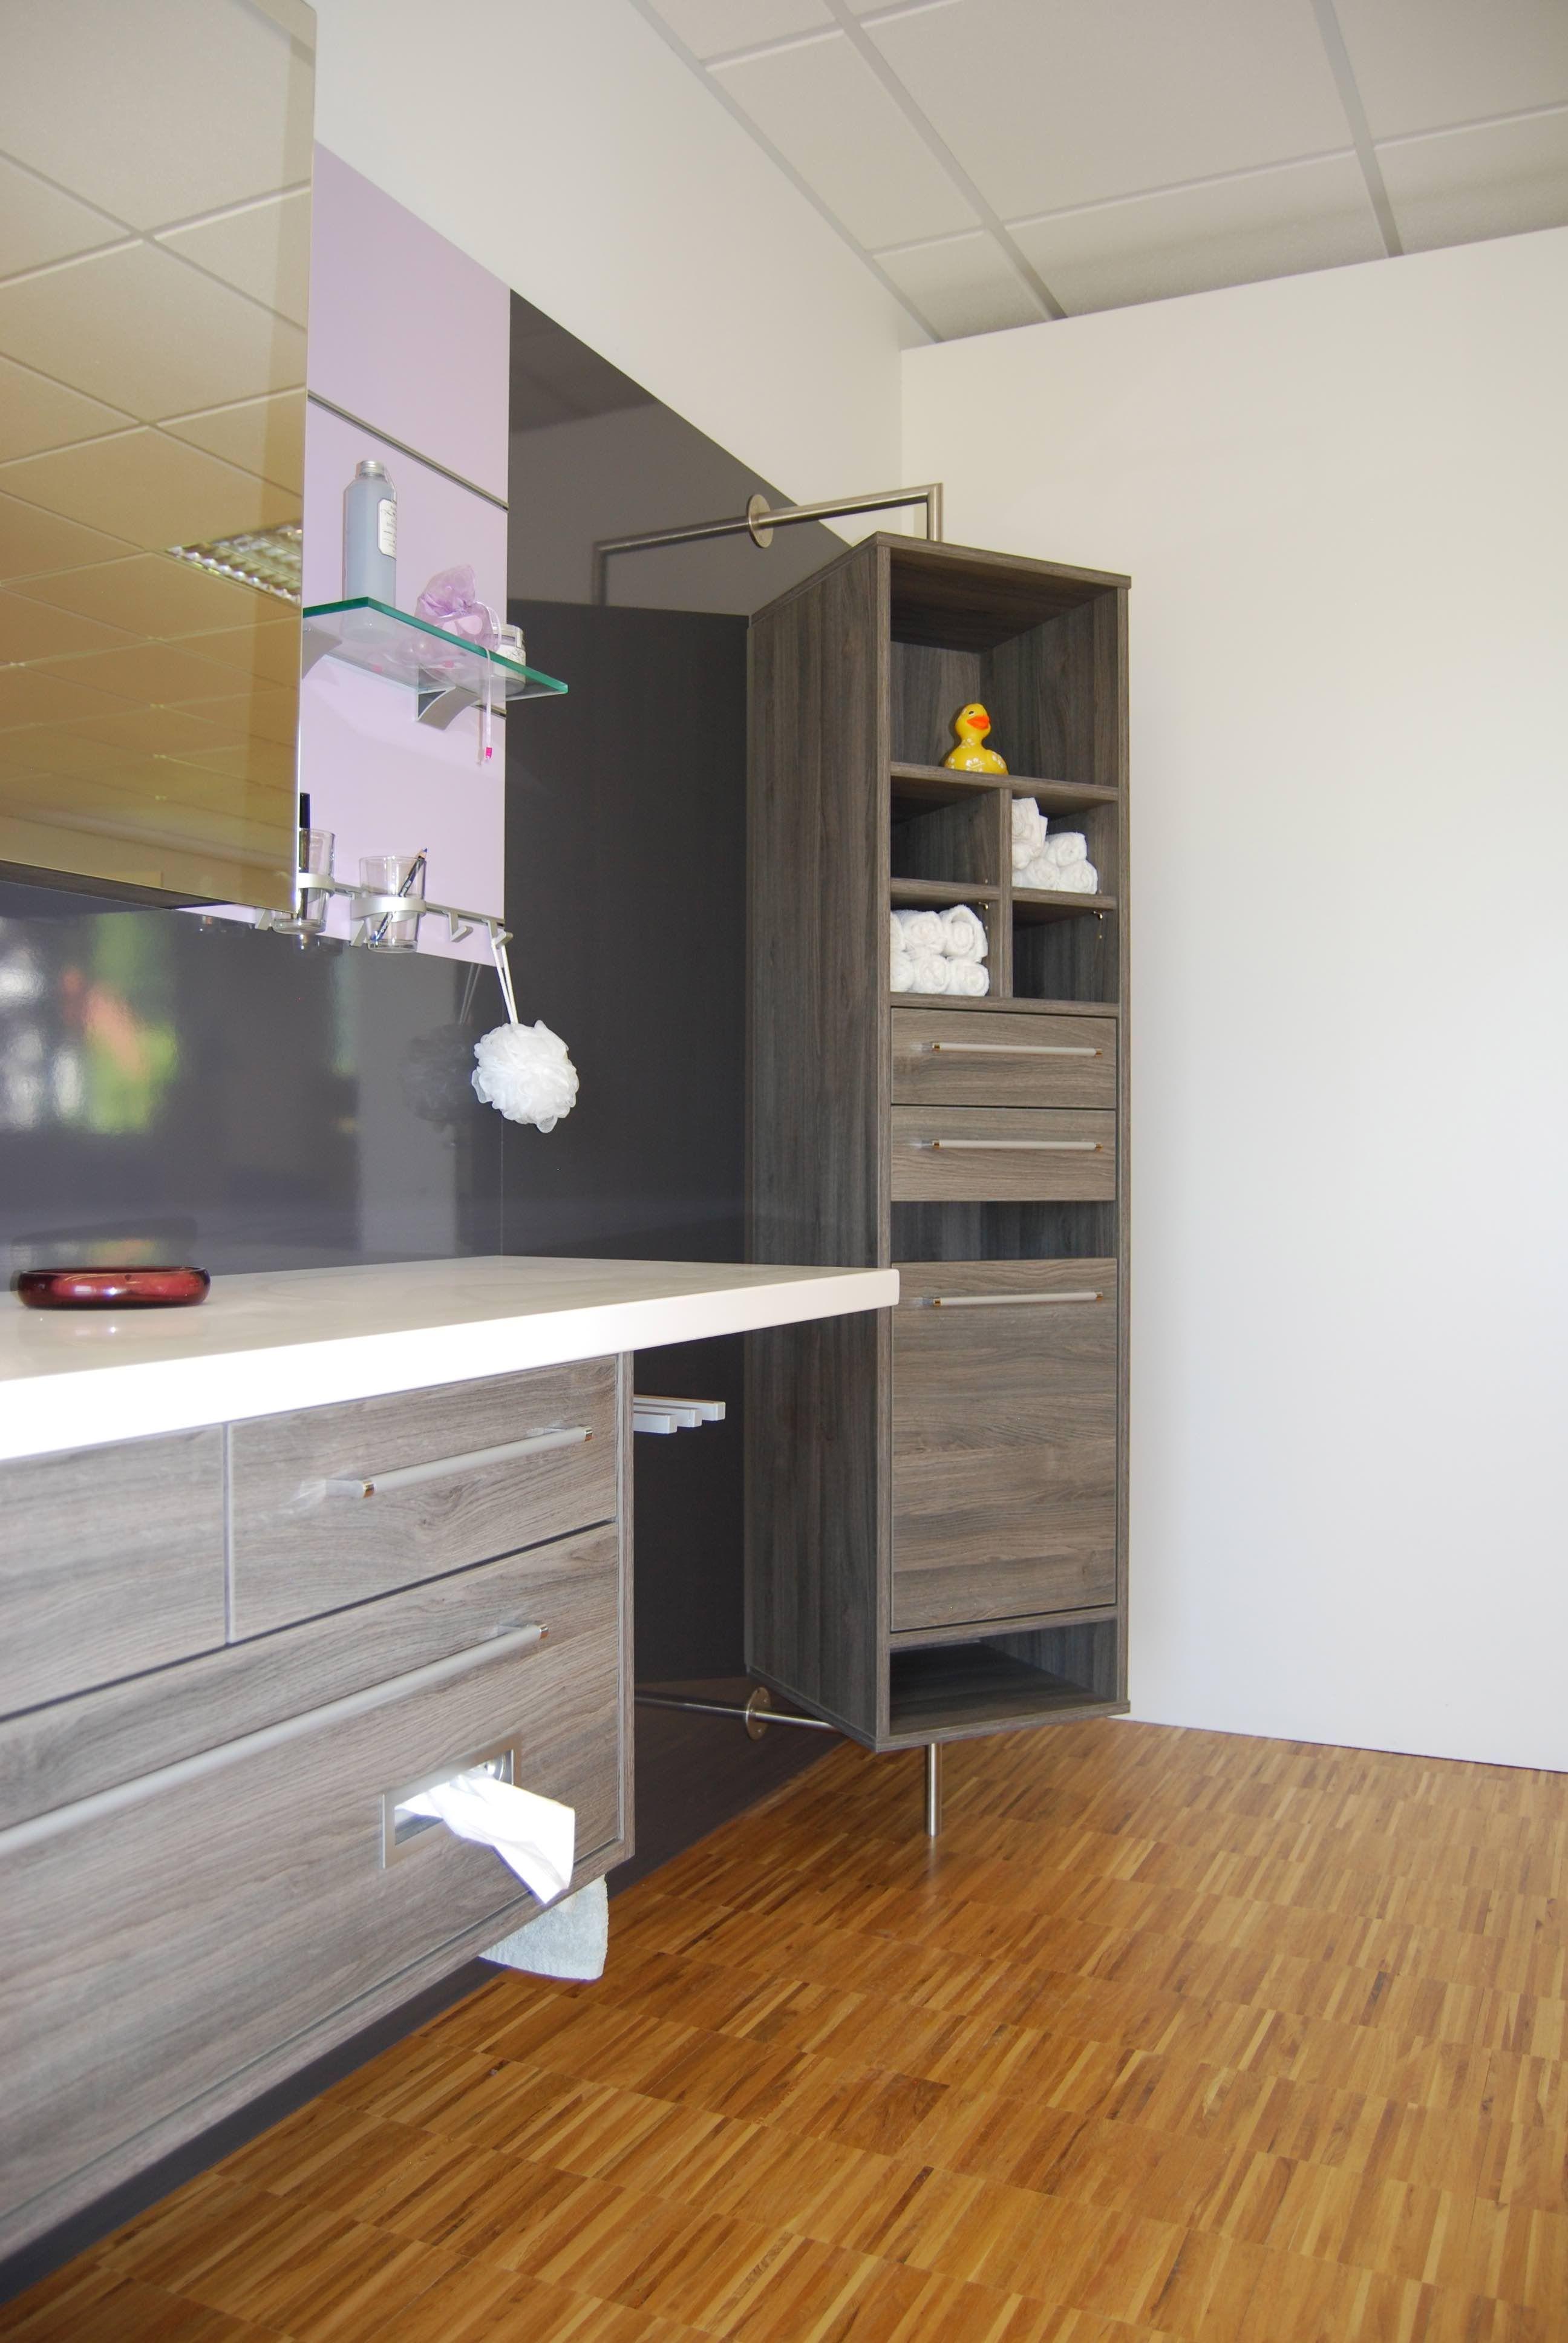 Moderner Badezimmer Schrank Modernes Badezimmer Moderne Badezimmer Schranke Badezimmer